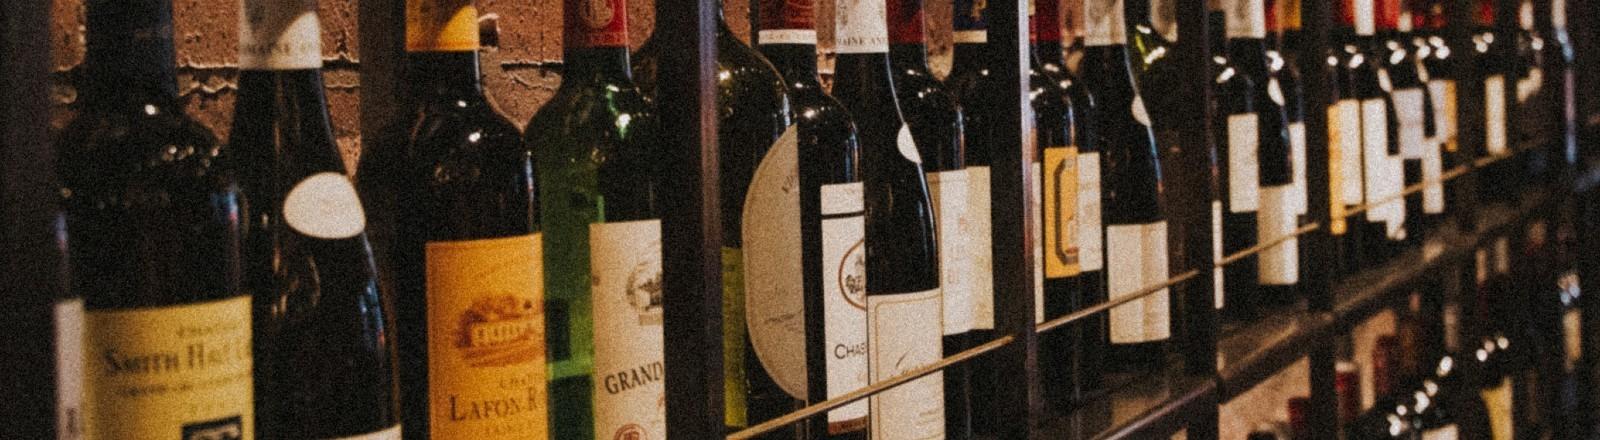 Weinflaschen stehen in einem Regal..